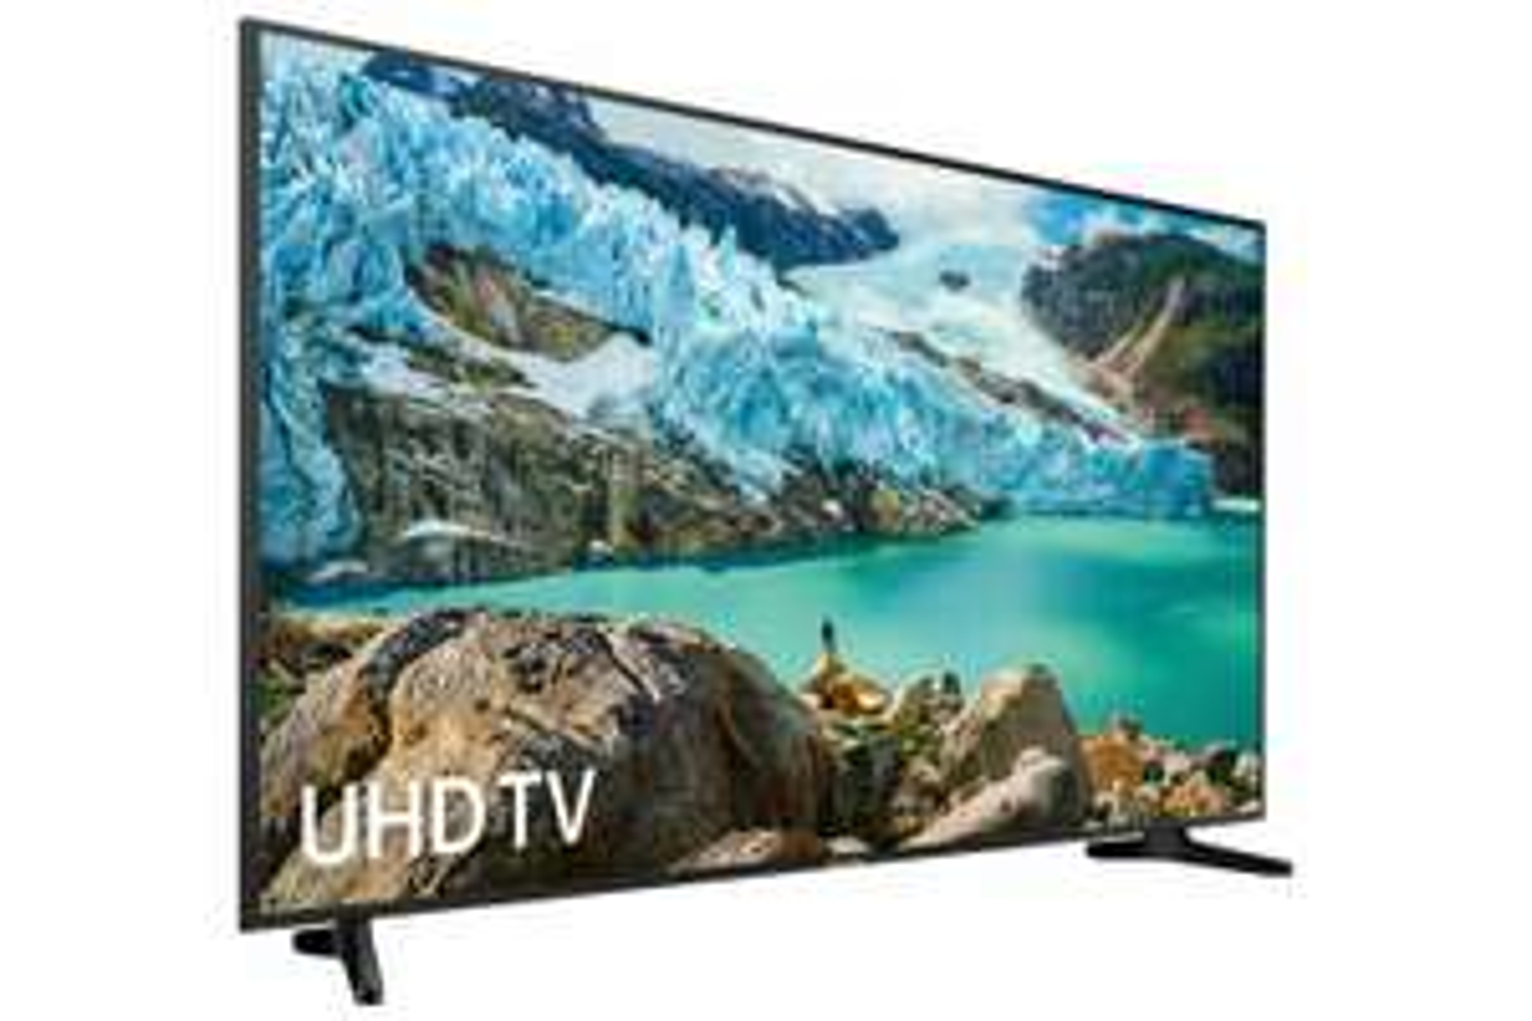 Samsung 55 Inch UE55RU7020 Smart 4K HDR LED TV £379.05 (C&C) or £383 Delivered @ Argos / eBay